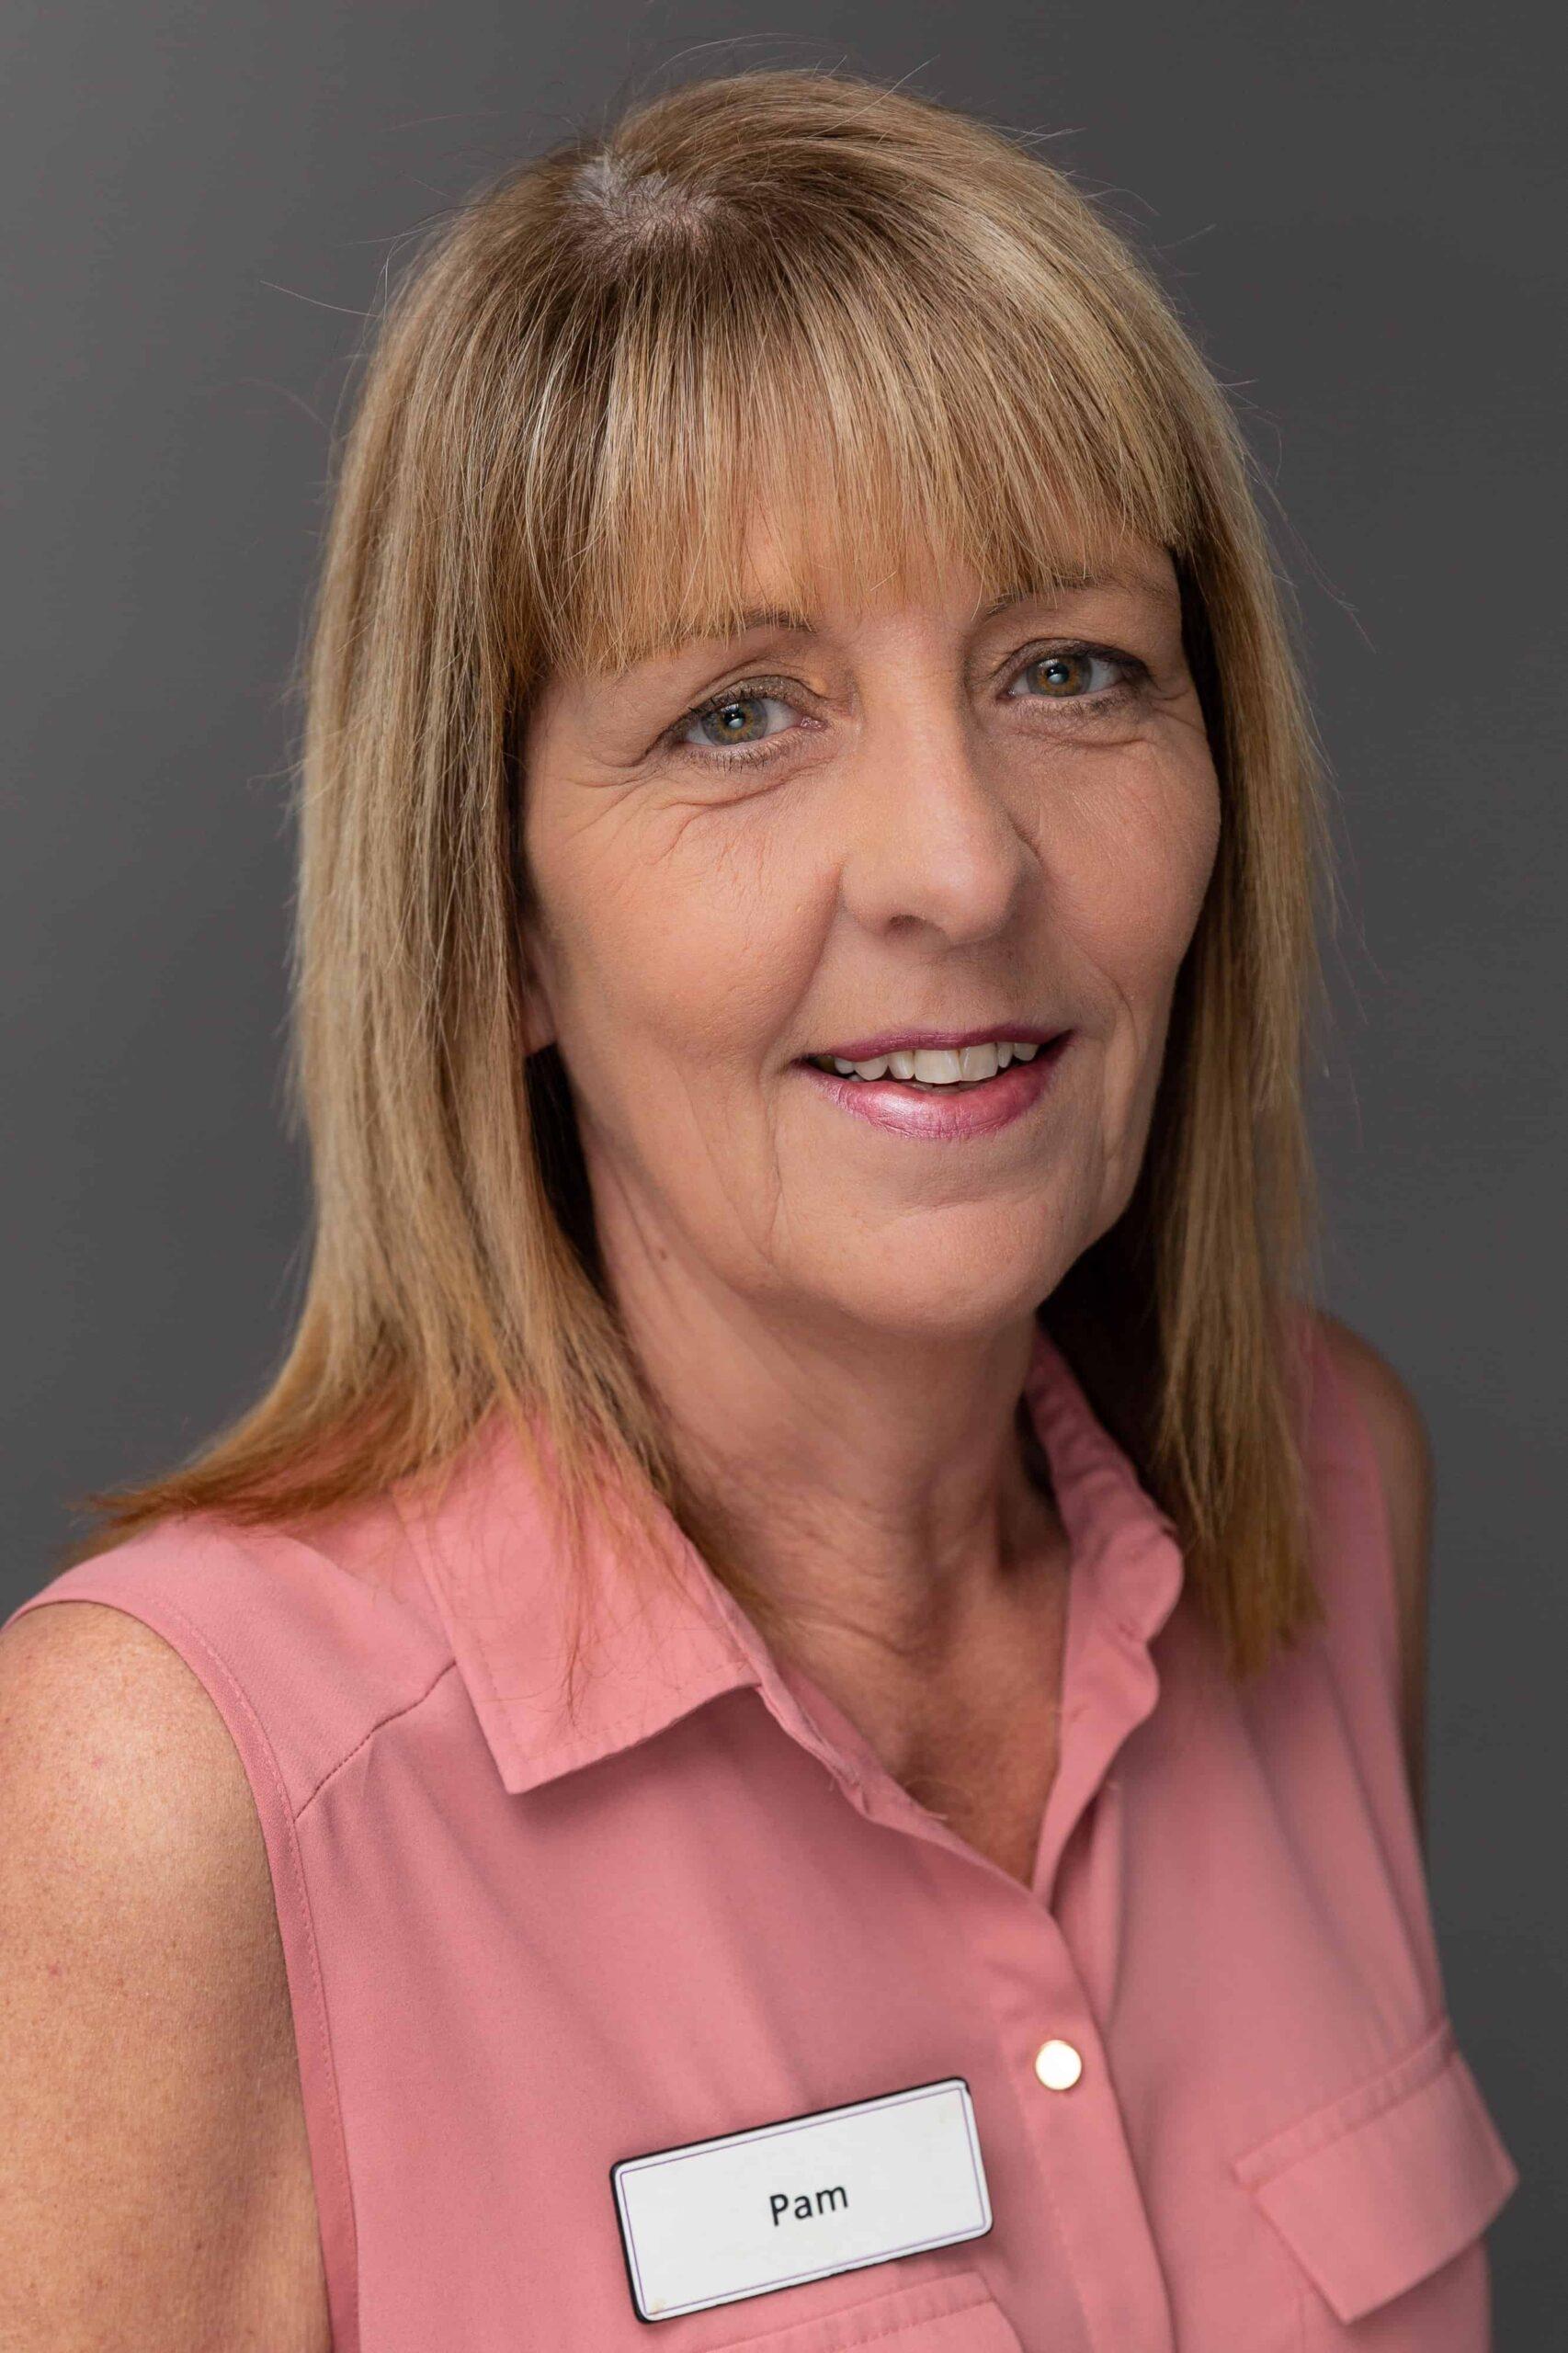 Pam Farres